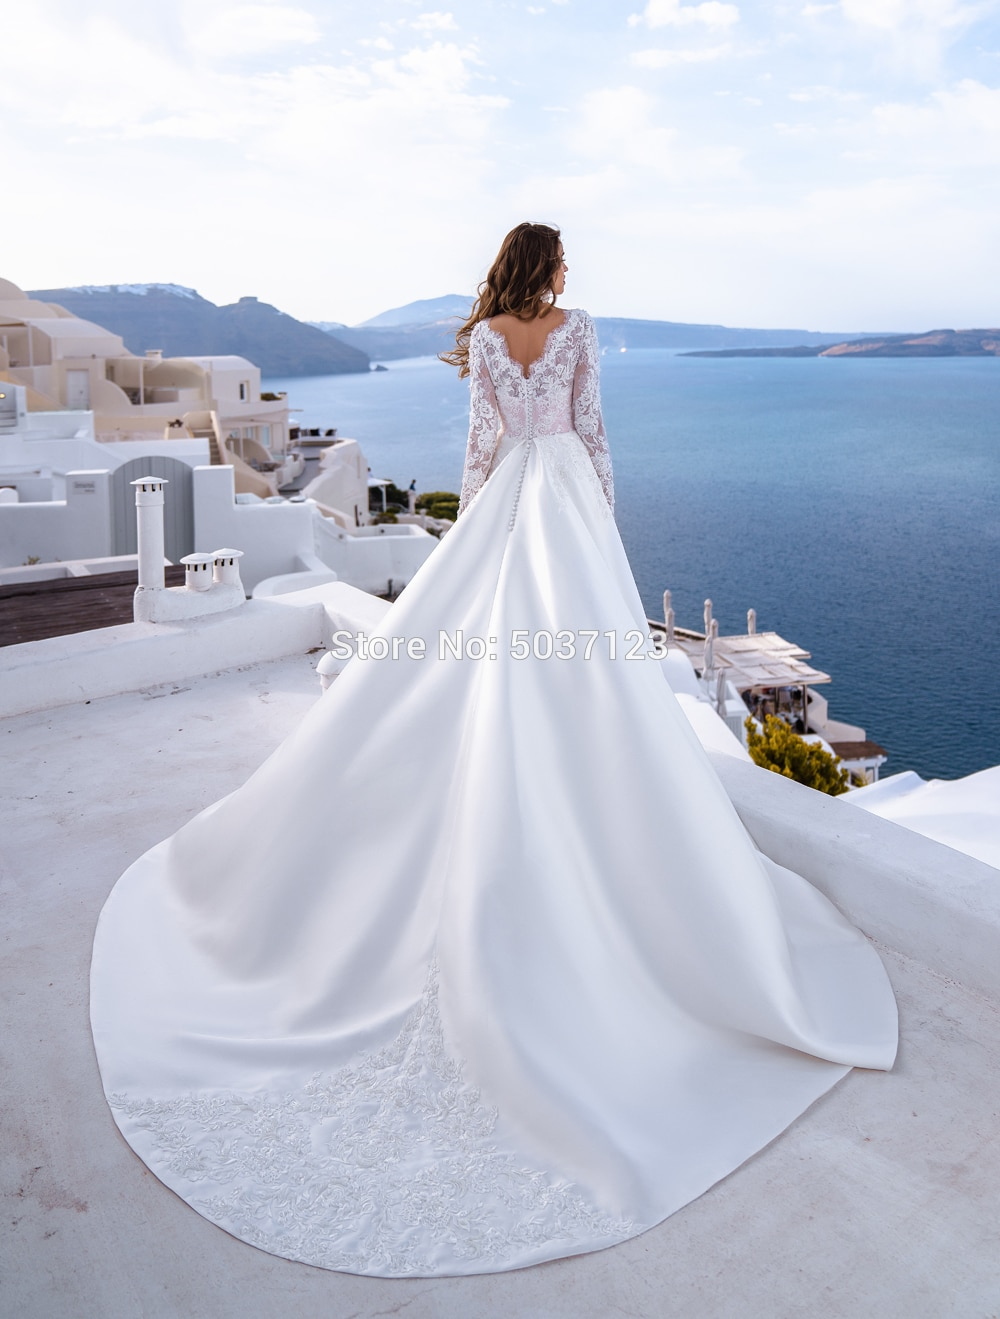 Raso Maniche Lunghe Abiti da Sposa Una Linea Scoop Appliques Del Merletto Nuziale Abiti da Sposa Button Corte Dei Treni Vestido De Noiva